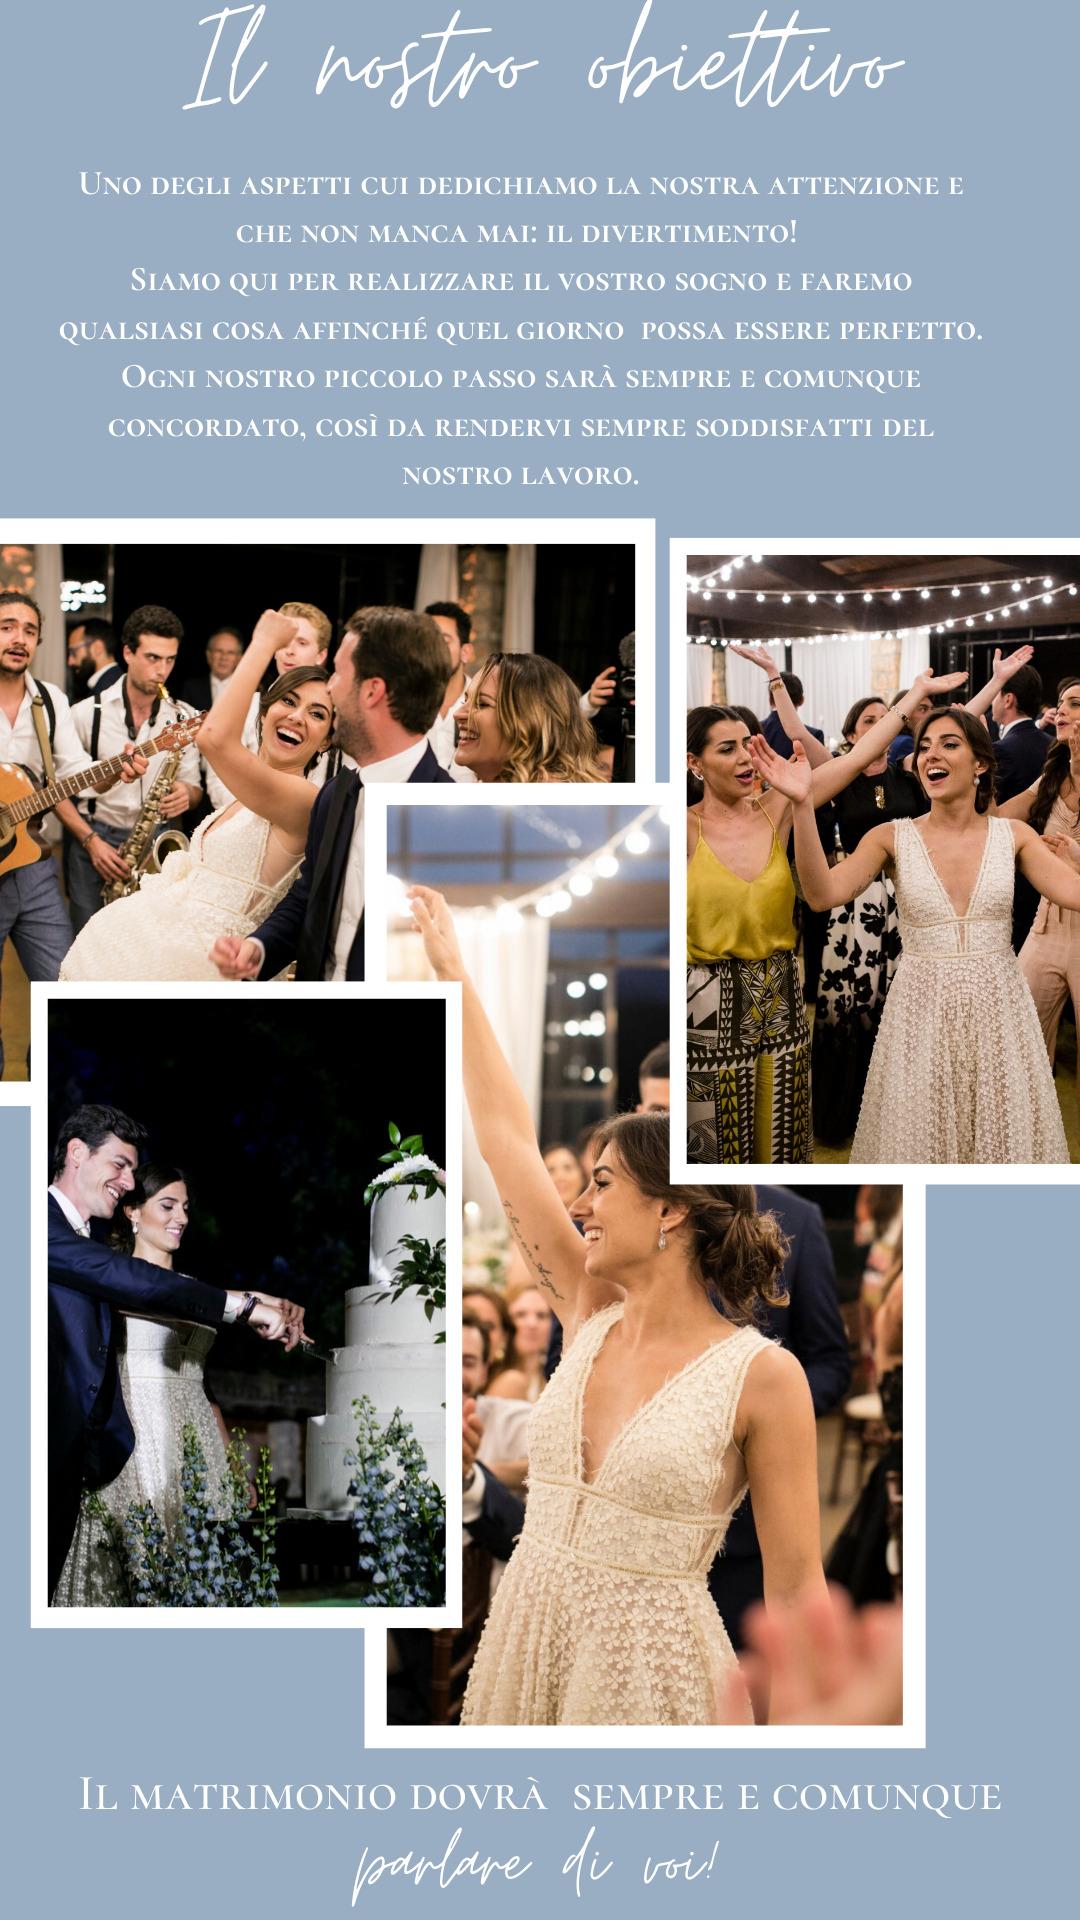 Wedding Planner Napoli - Il matrimonio che ti rappresenta